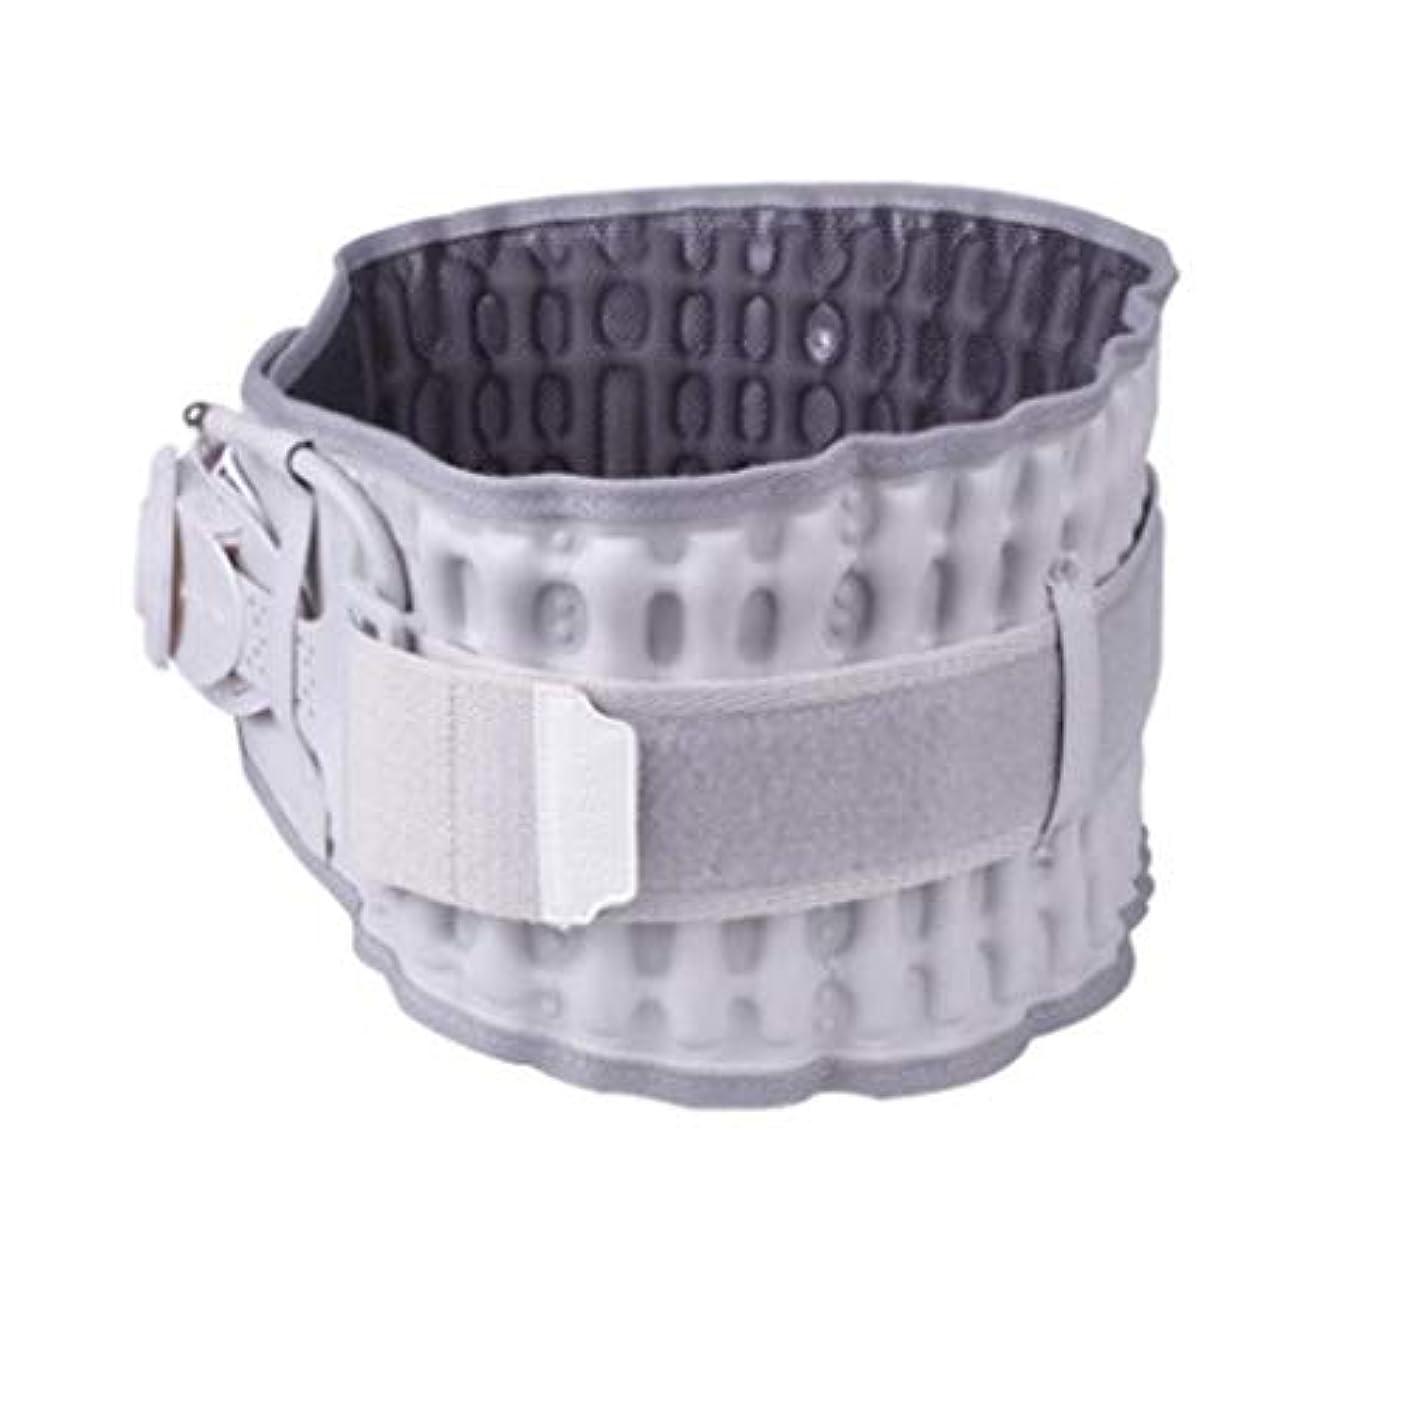 ウエストマッサージャー、減圧ベルト、腰椎減圧ベルト、背中のマッサージサポートツール、ユニセックス